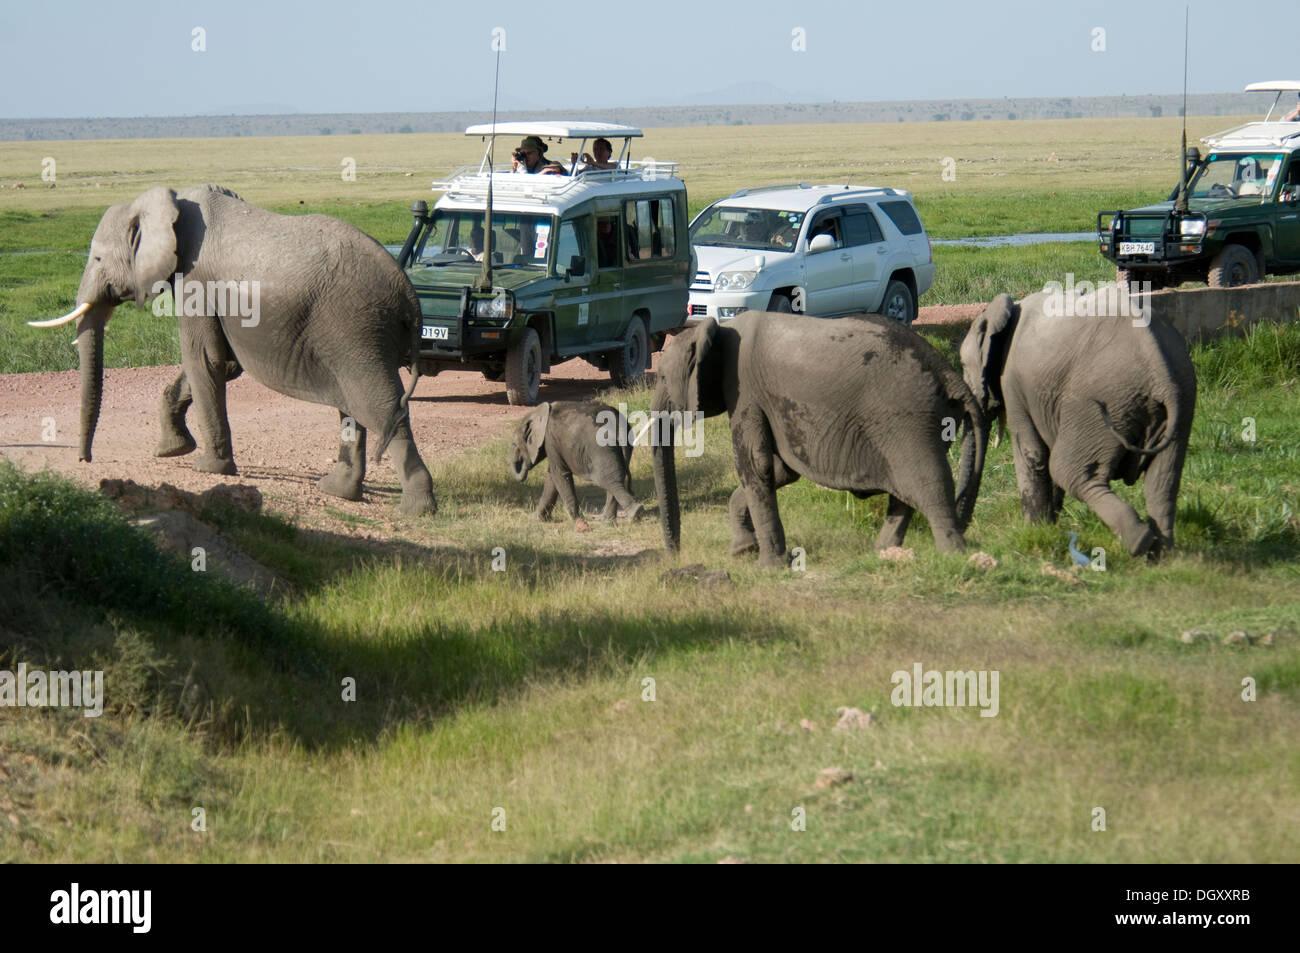 Los elefantes cruzando la carretera con vehículos de turismo parado Imagen De Stock